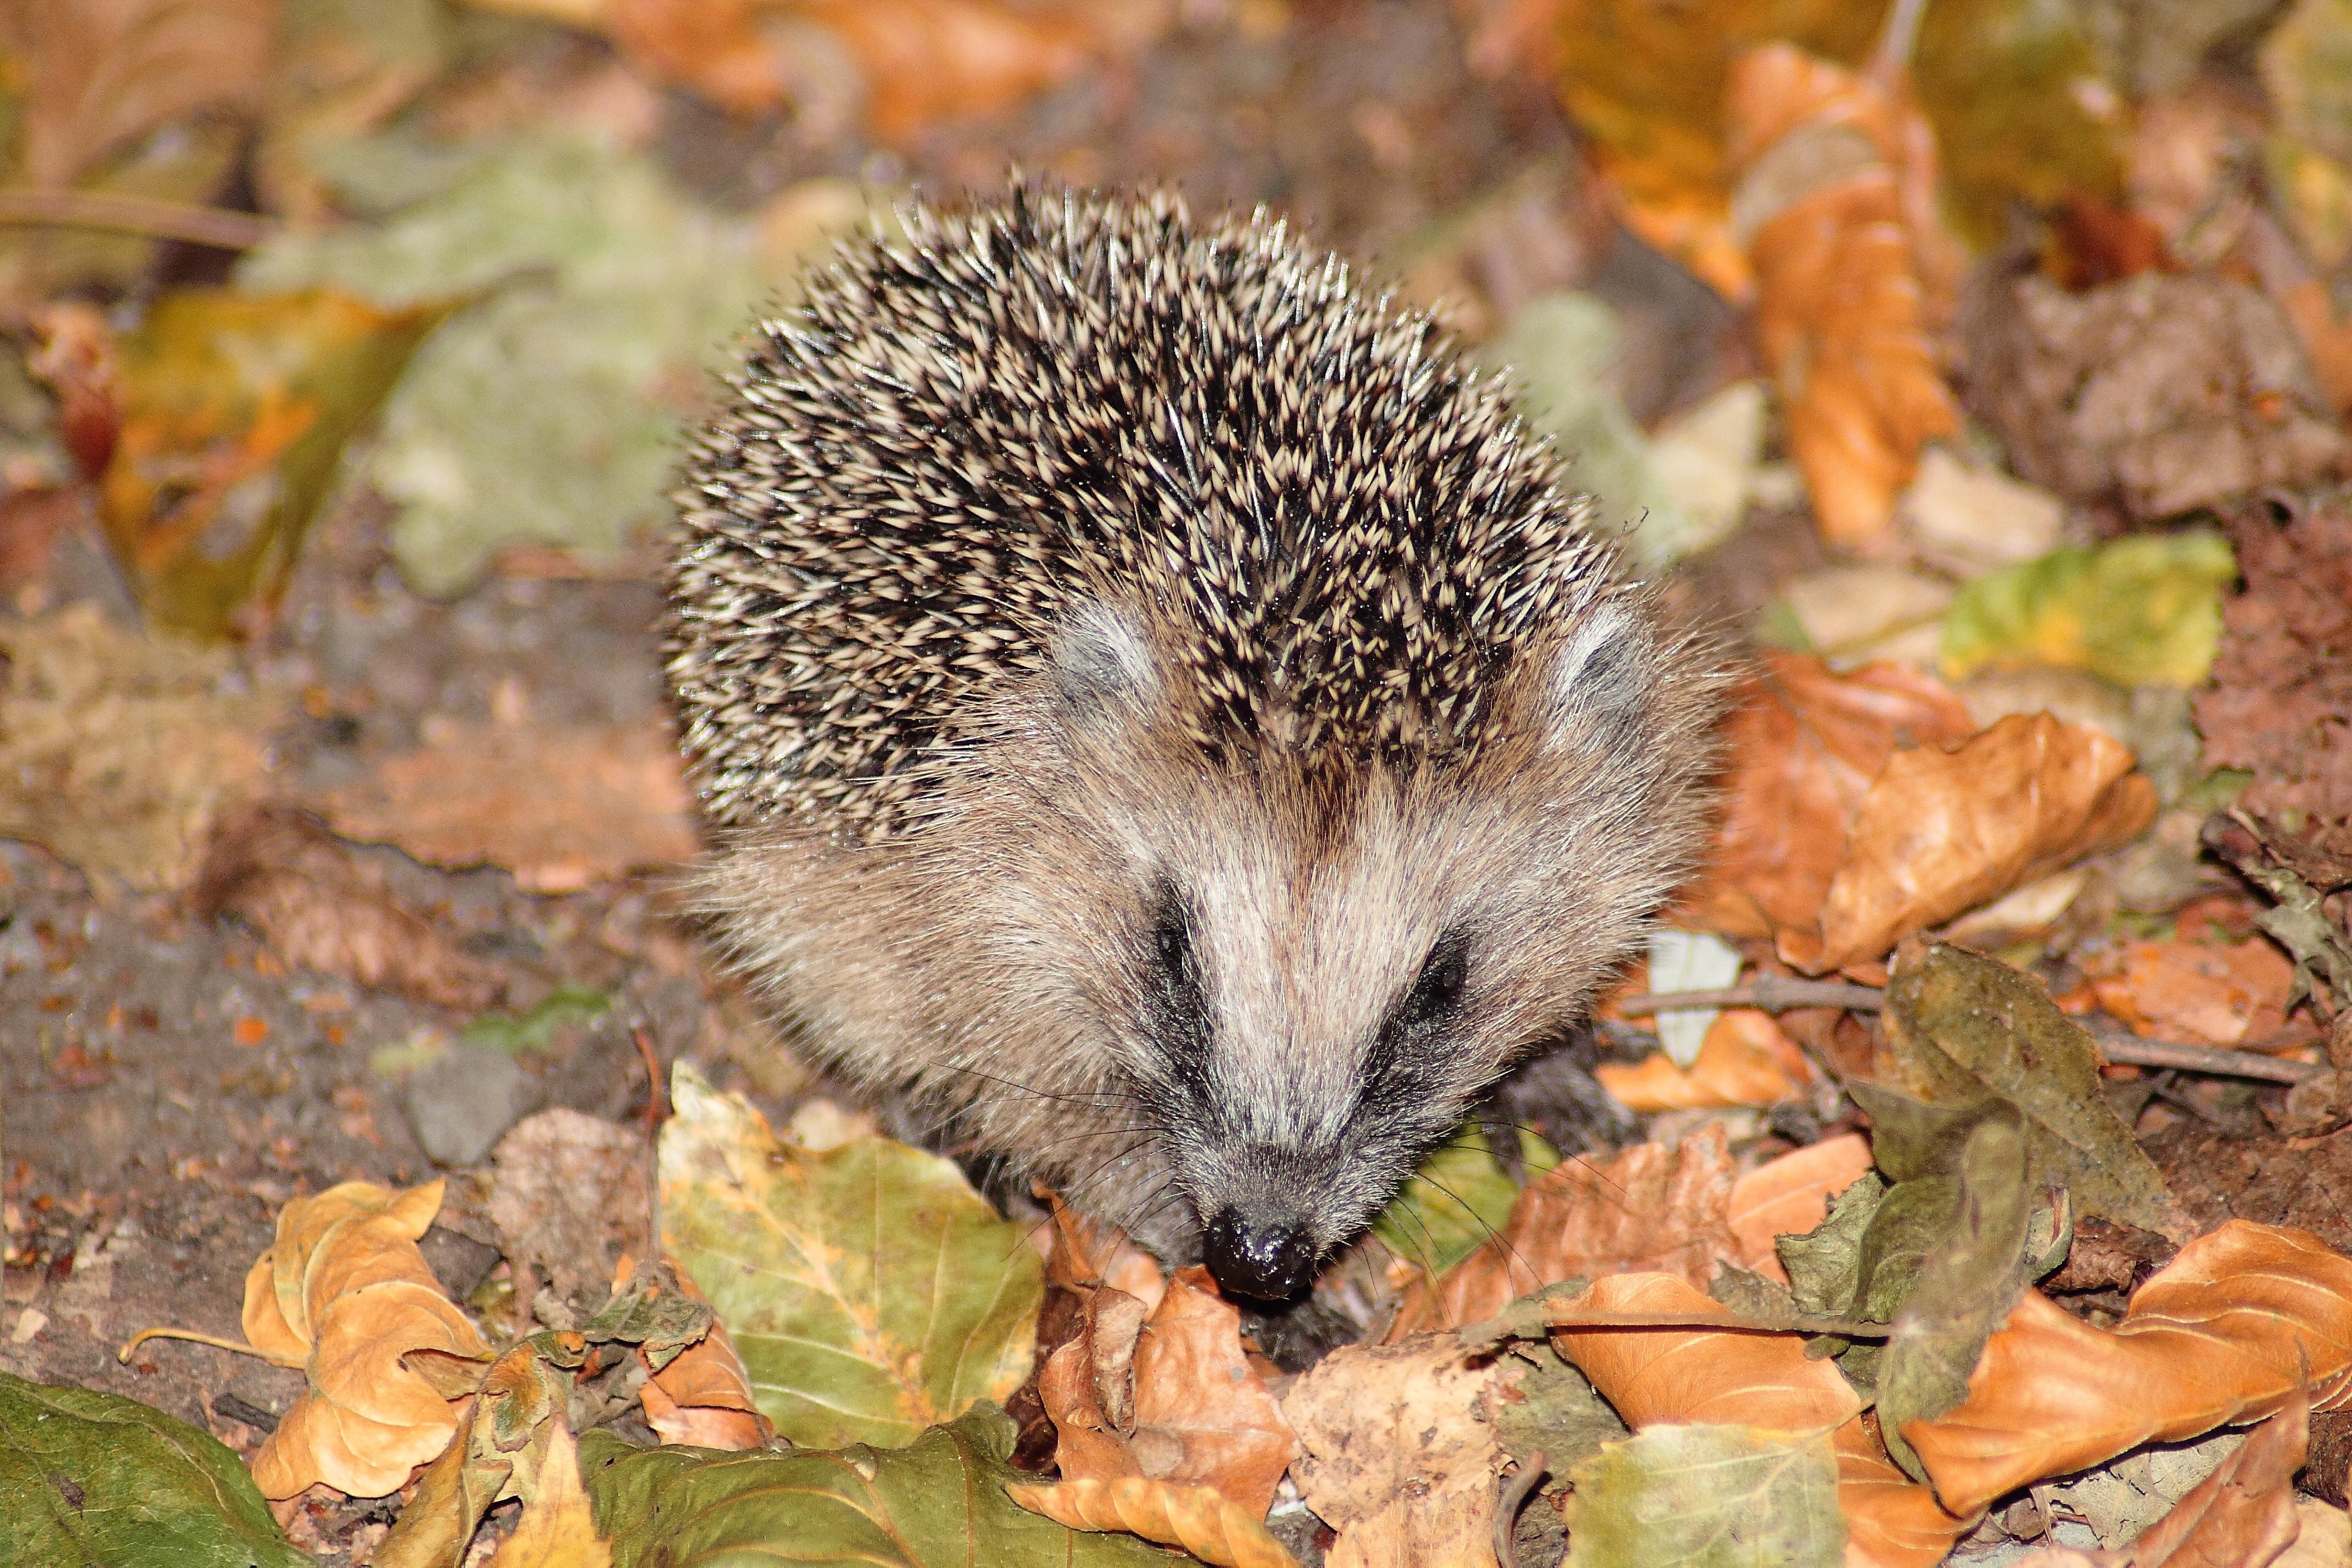 Brown Hedgehog on Brown and Green Leaves